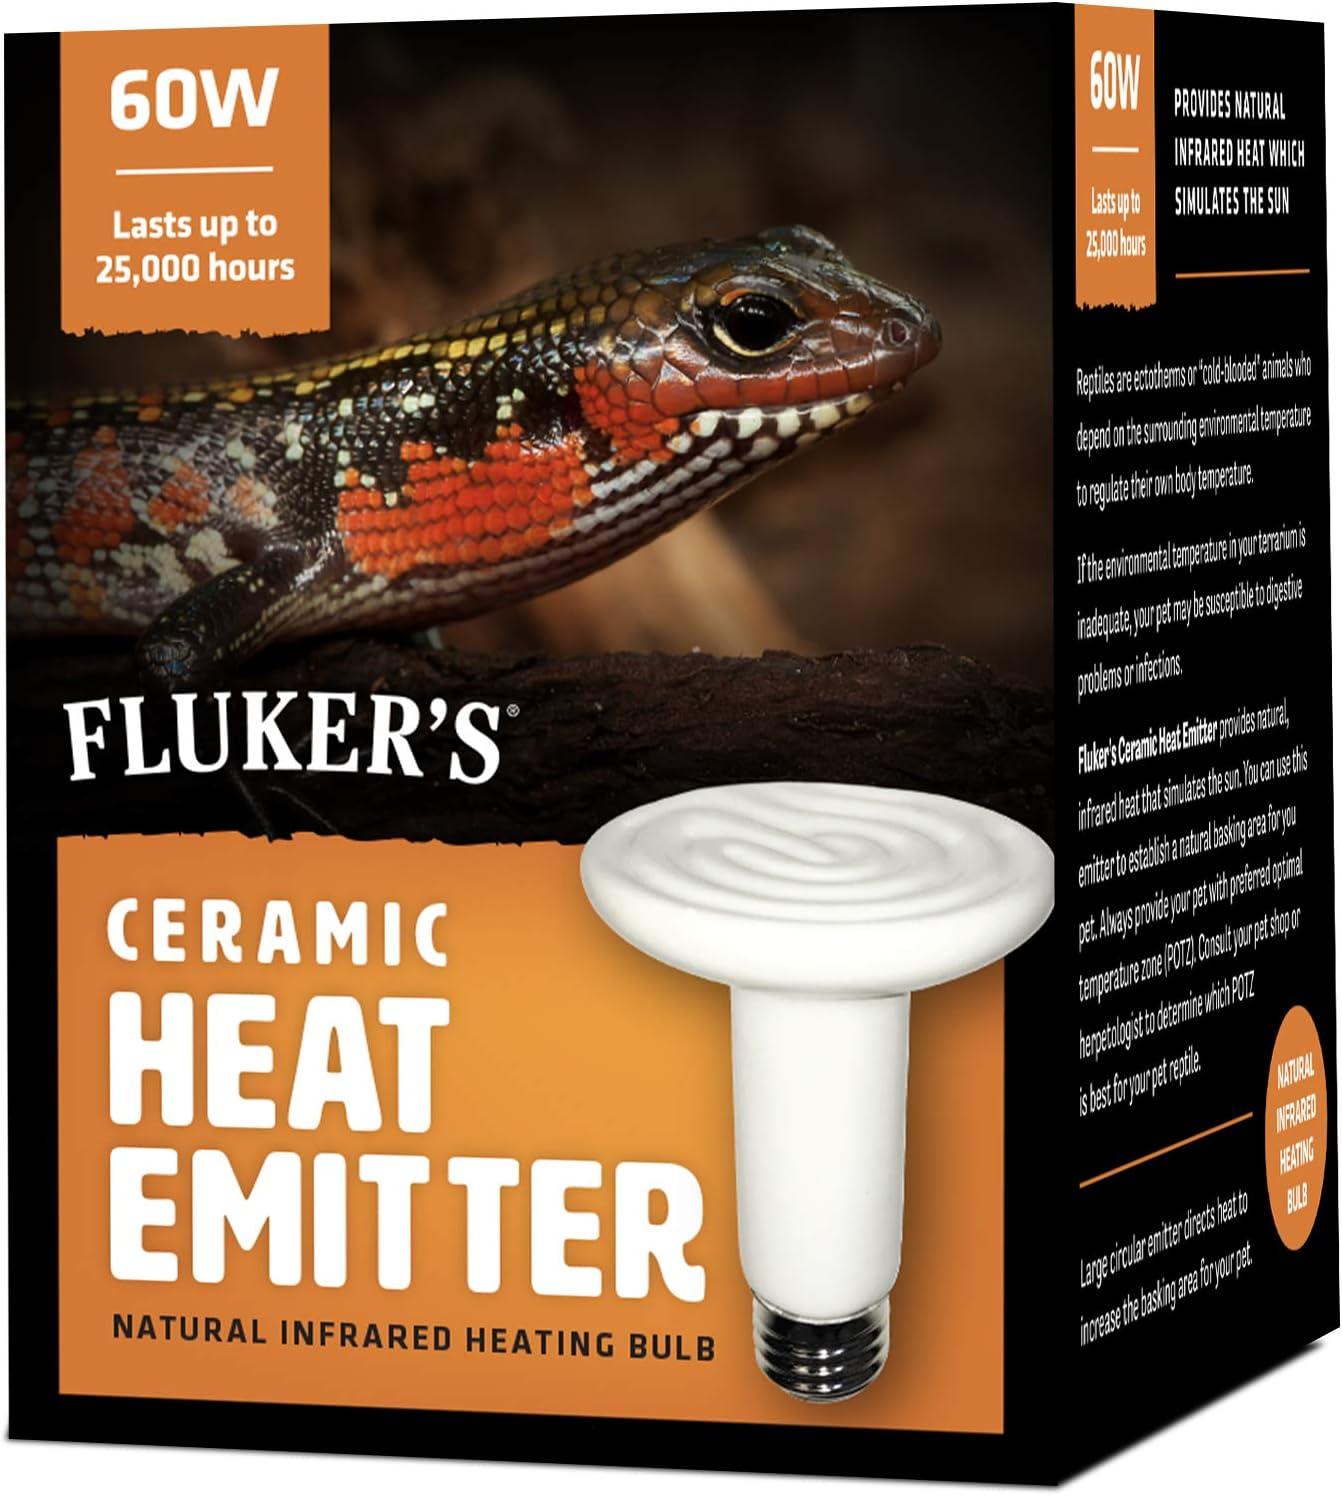 Fluker's Ceramic Heat Emitter